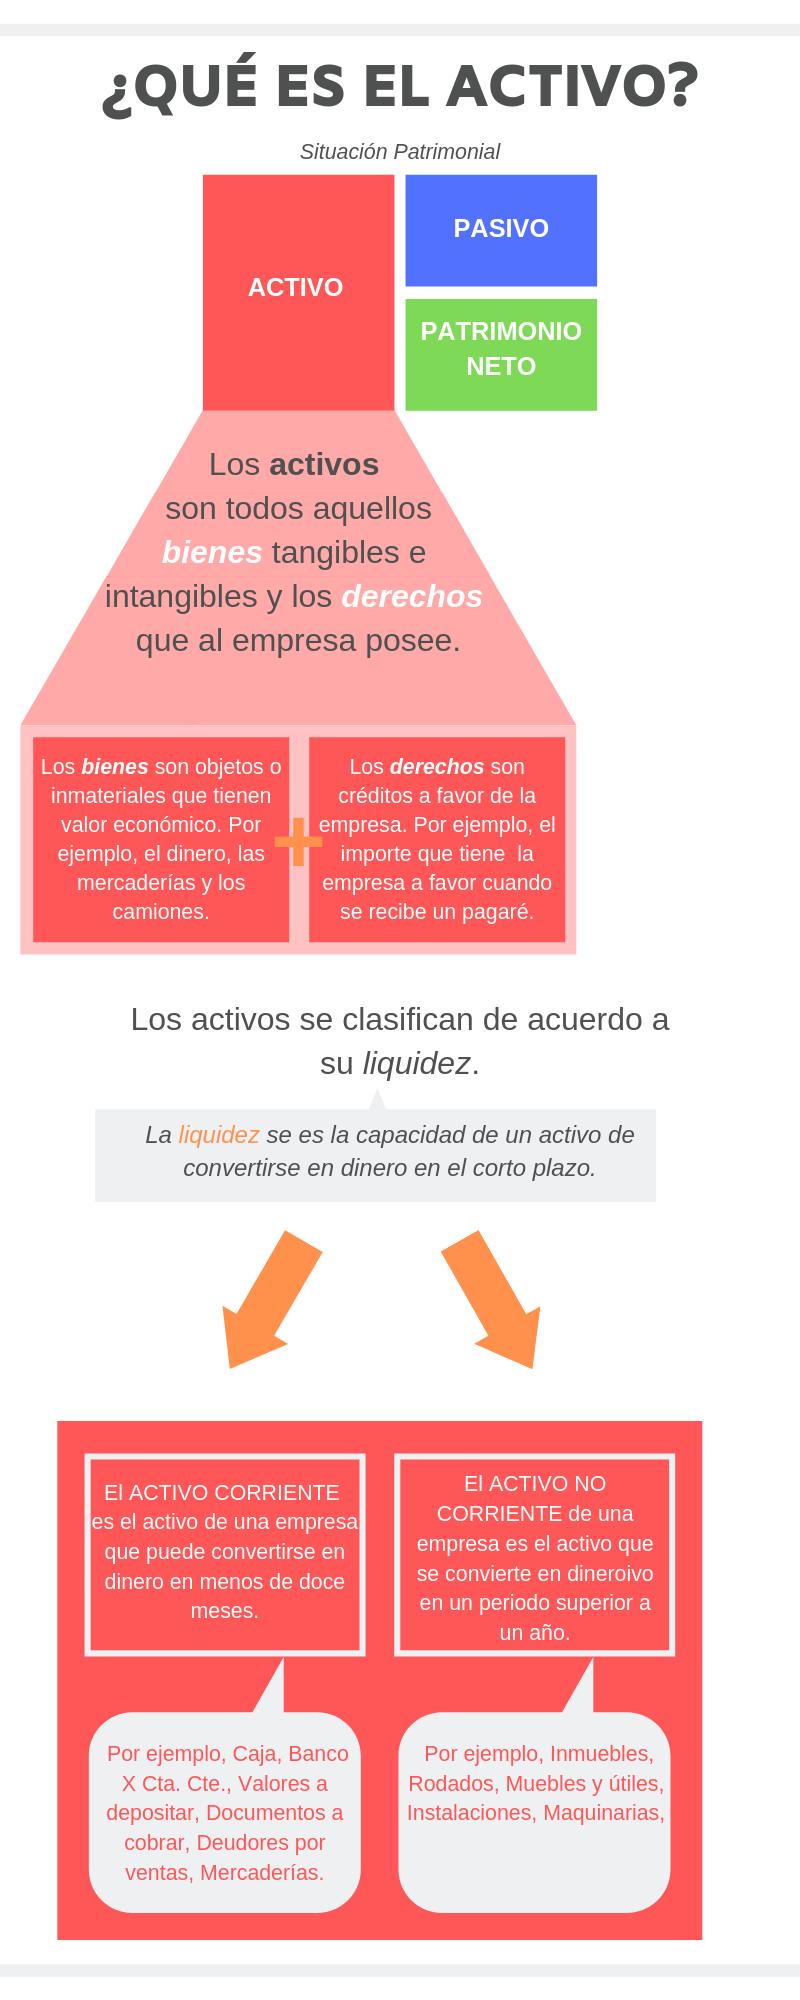 ¿Qué es el activo? Infografía. Ubicación de los activos en la situación patrimonial. Descripción de los componentes de los activos. Clasificación de los activos según su liquidez: activos corrientes y activos no corrientes.